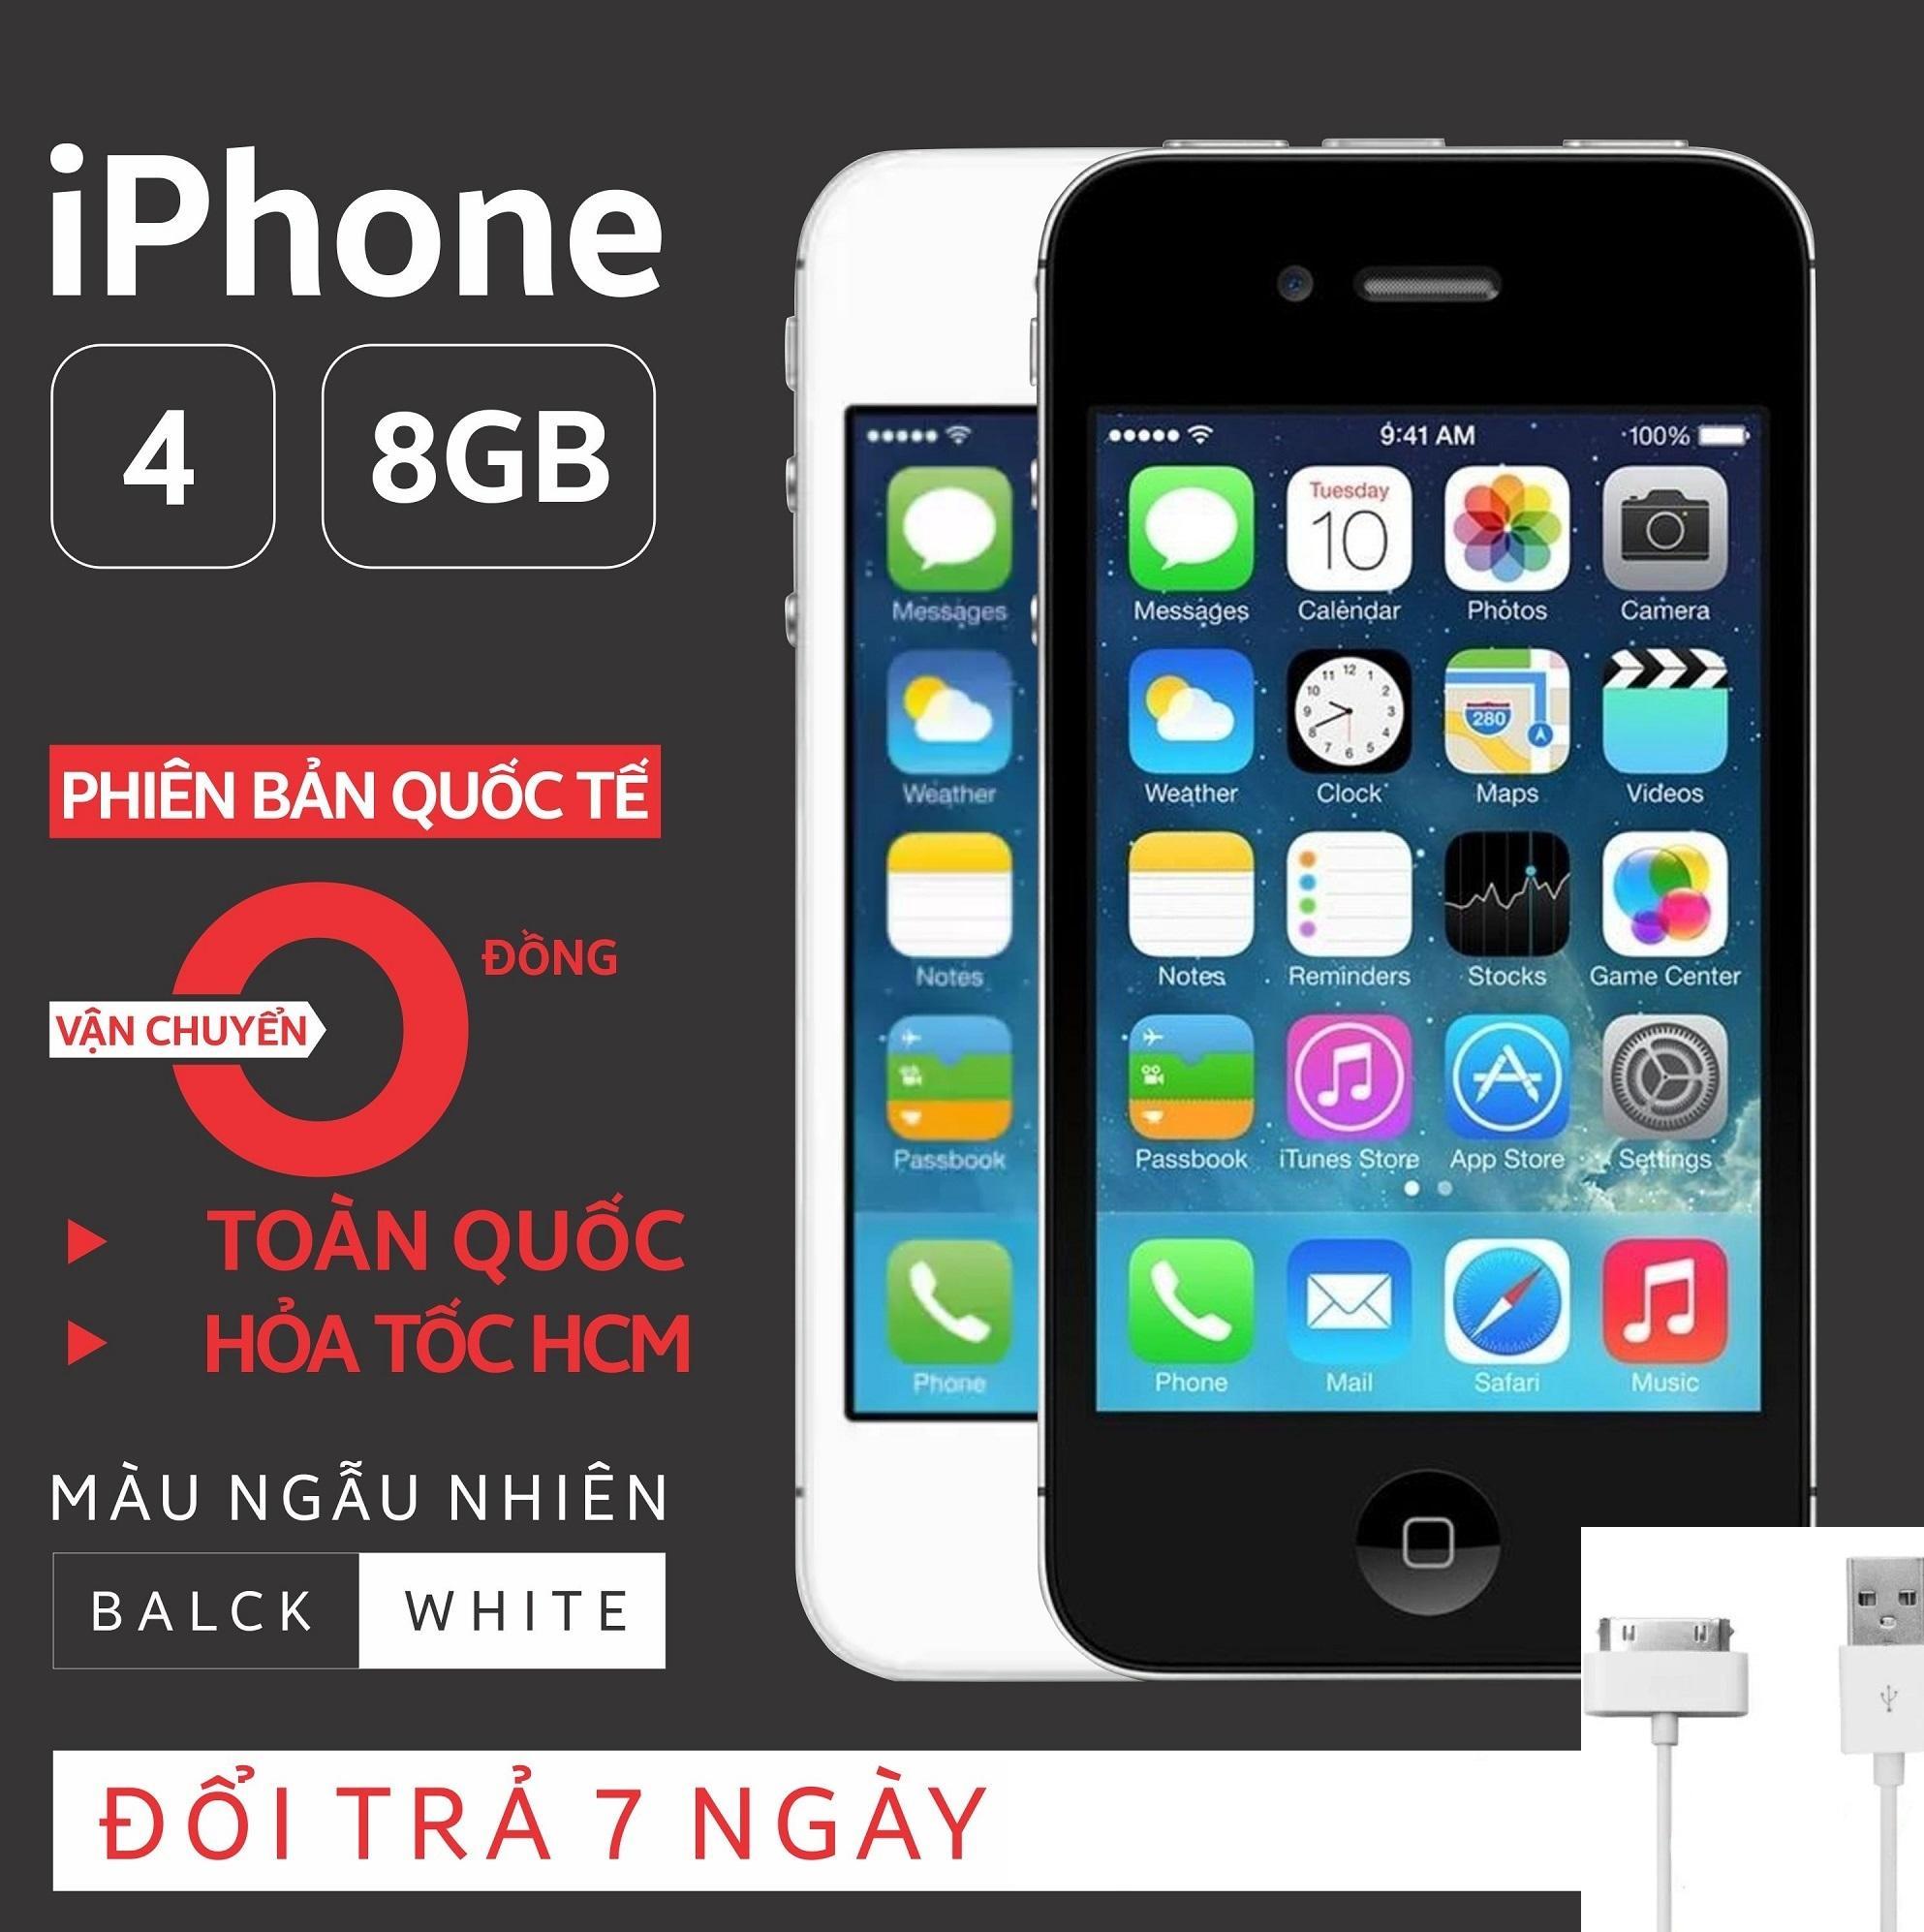 Điện thoại IPHONE 4-8GB Phiên bản quốc tế - Bao đổi trả - Màu ngẫu nhiên - Tặng cáp sạc...